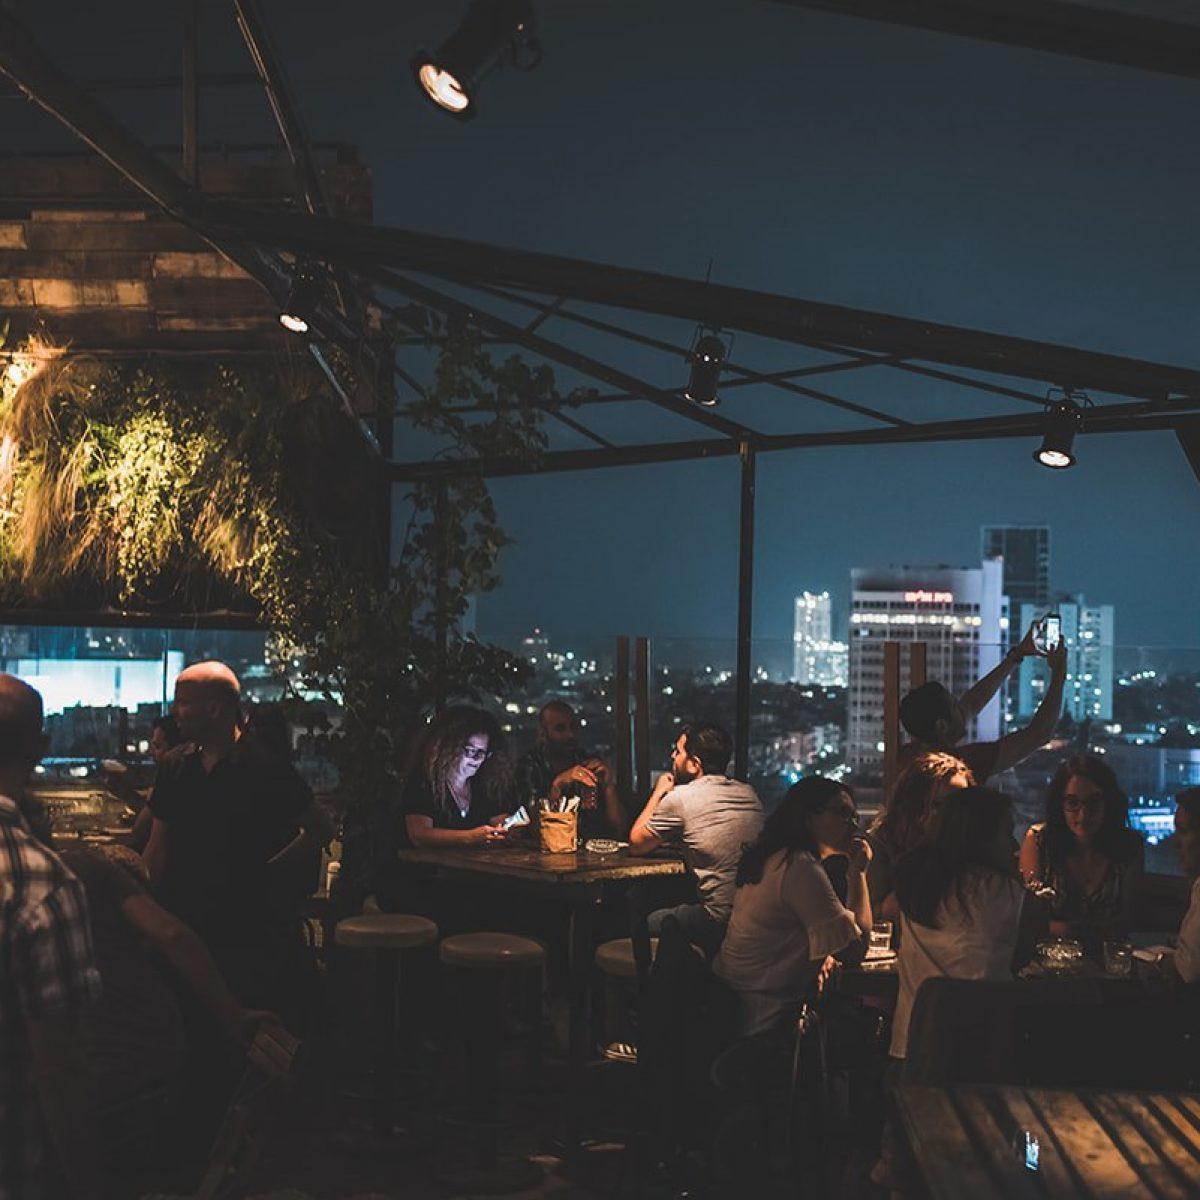 ערב על הגג בלילה בסורה מרה - a night at the balcony of Suramara